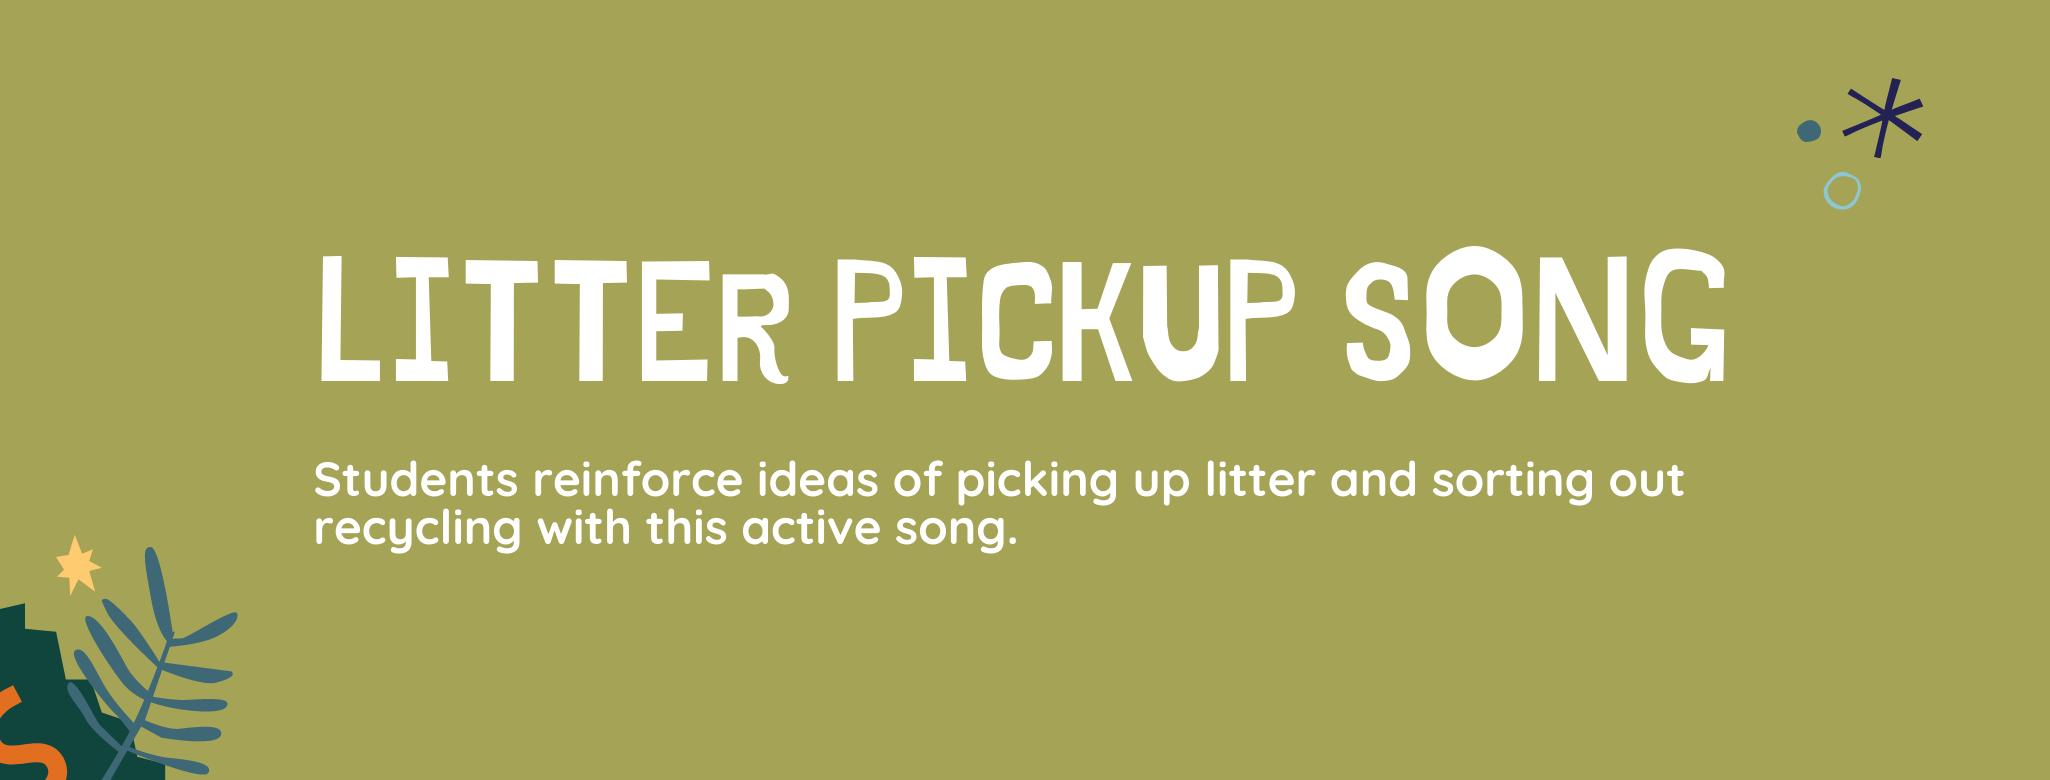 Litter Pickup Song